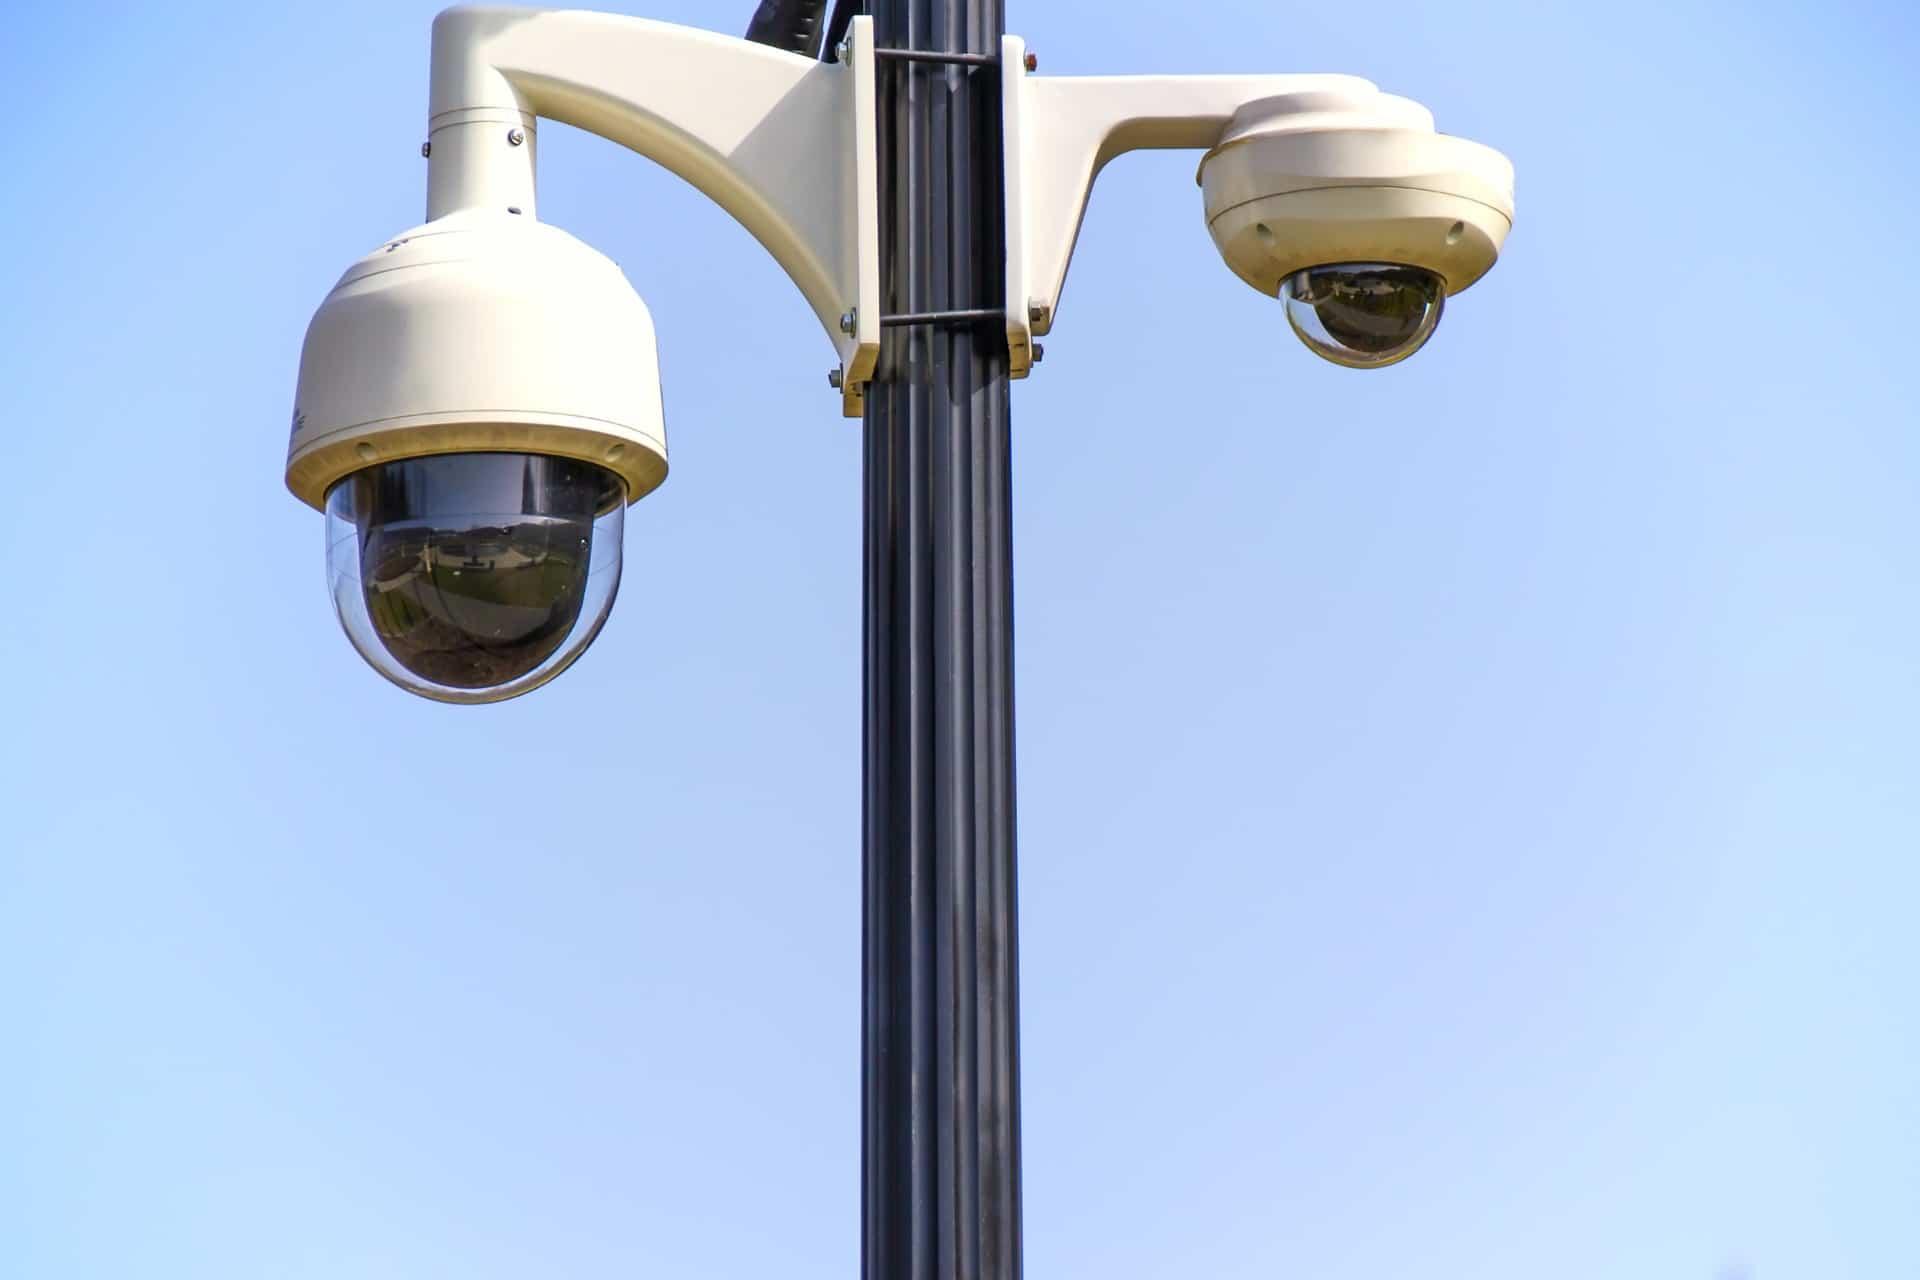 Por qué su lugar de trabajo requiere vigilancia de seguridad 14